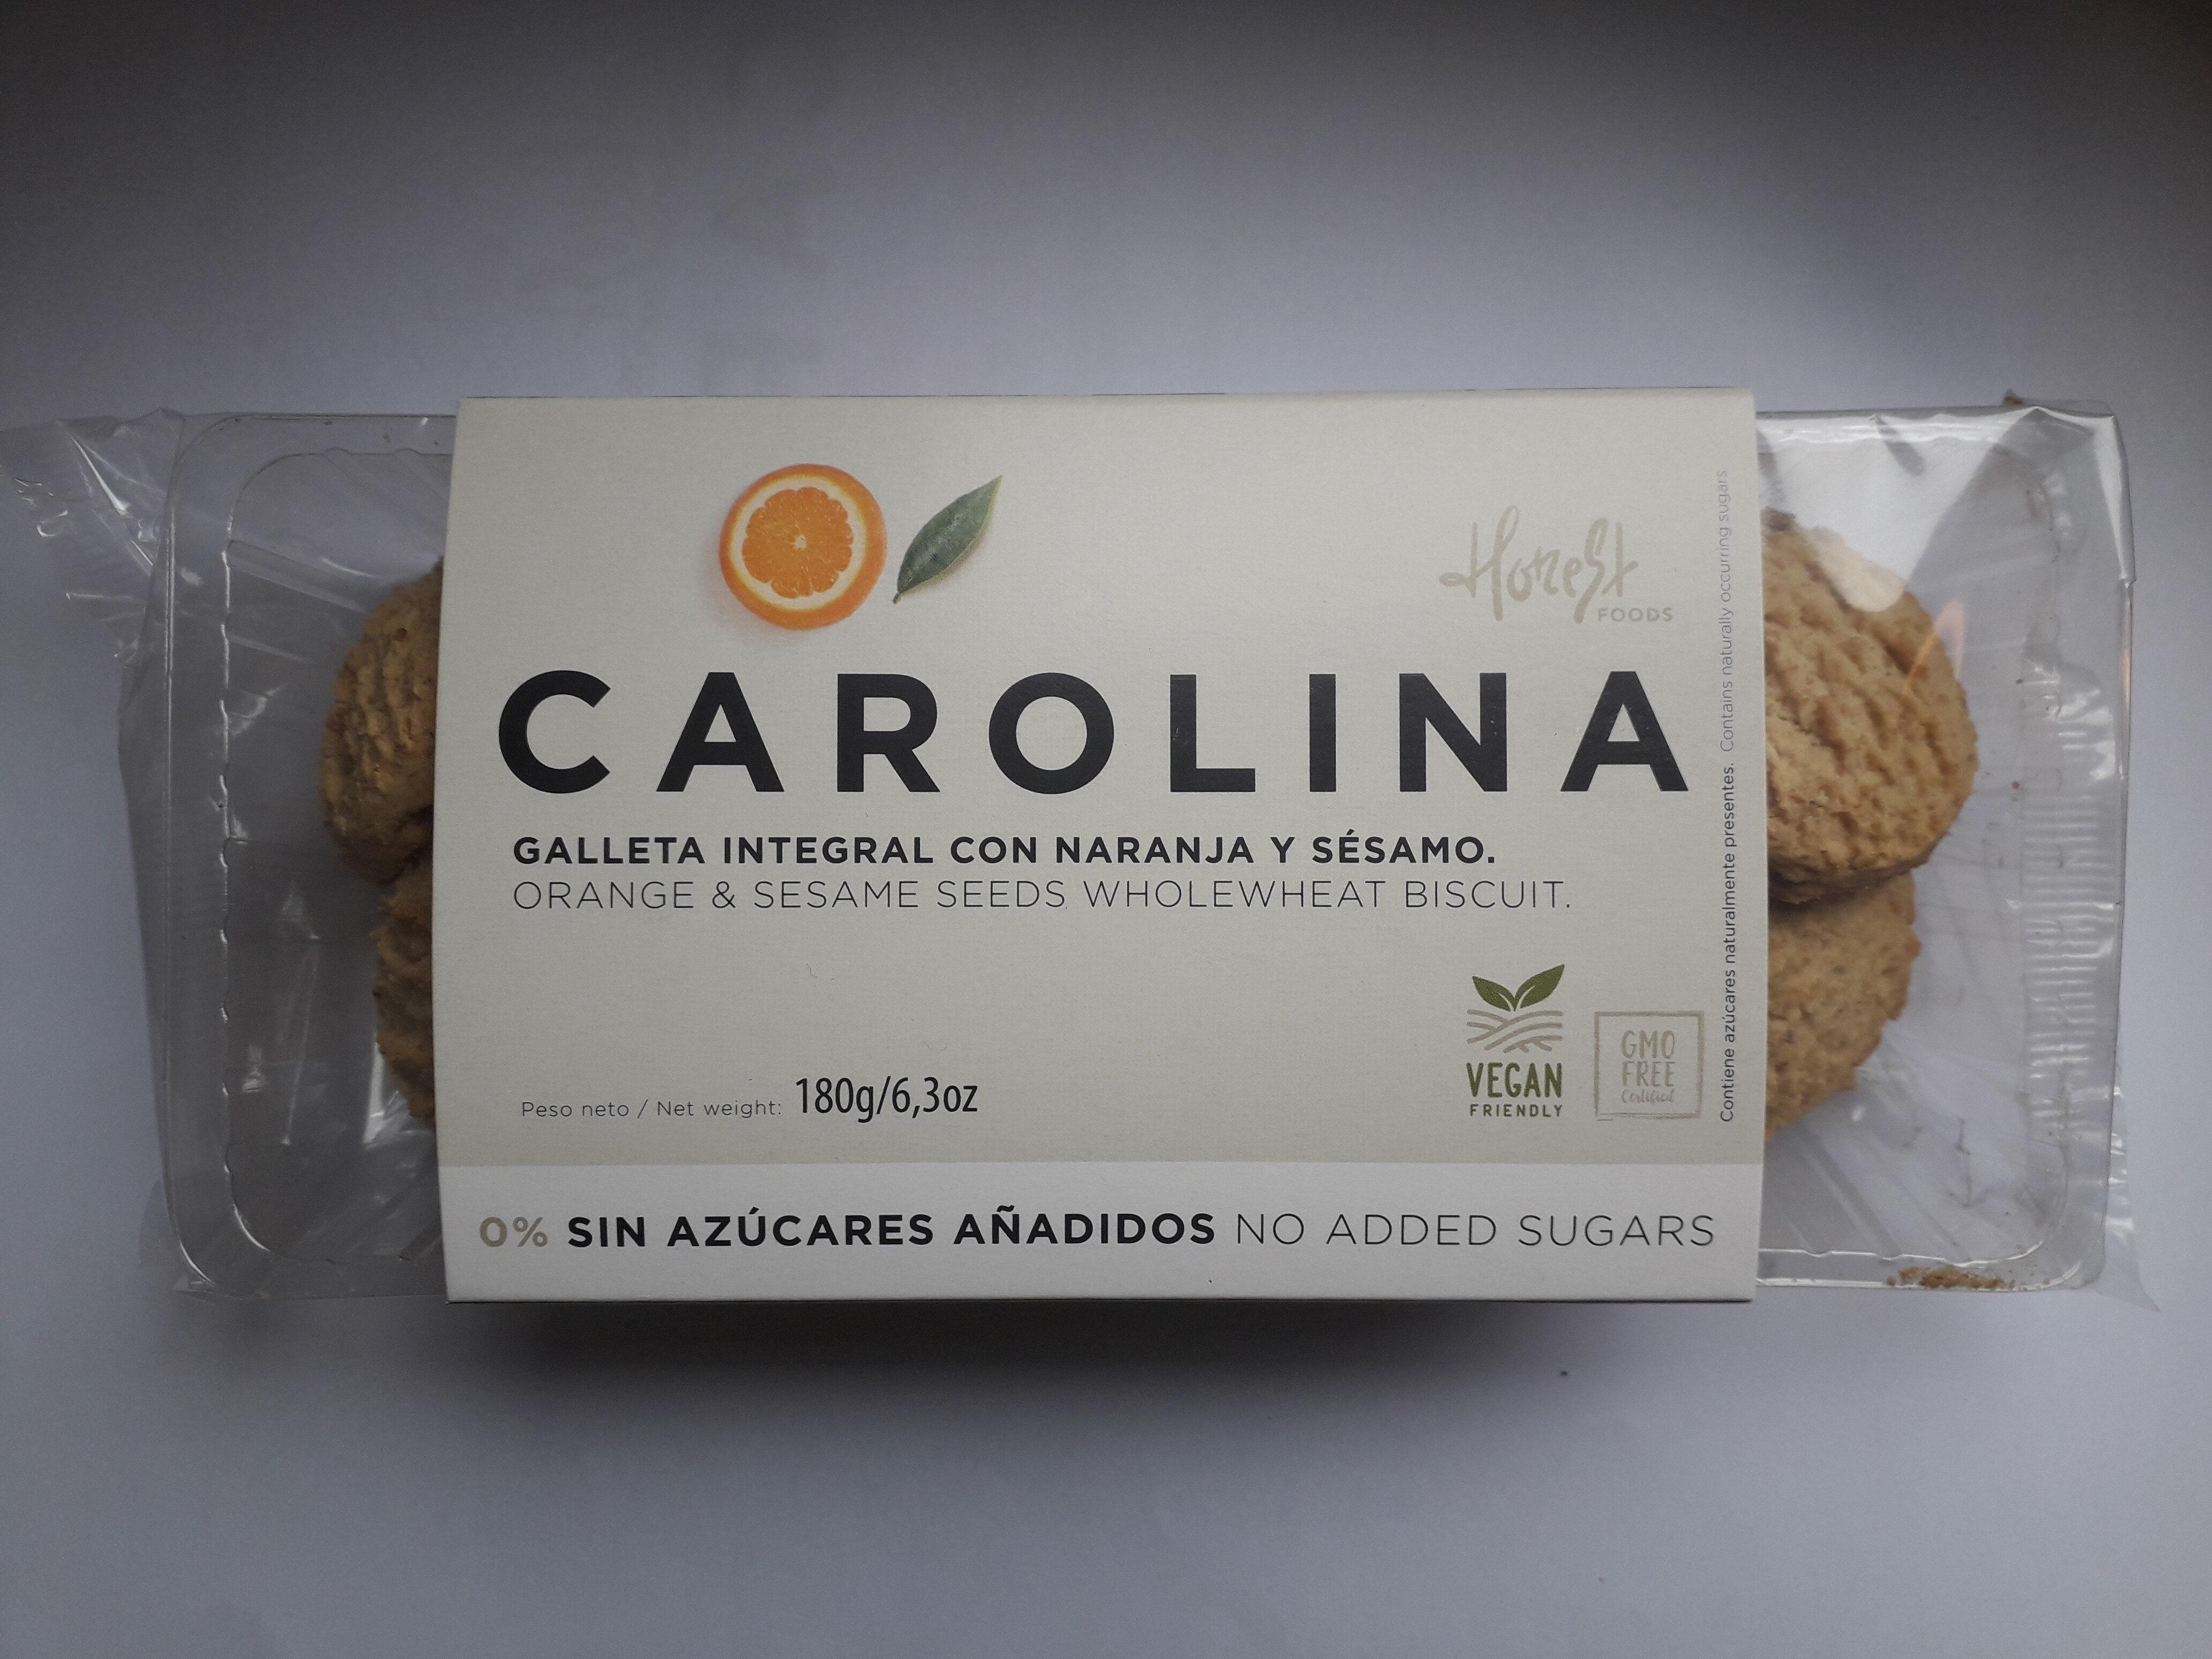 Galleta integral con naranja y sesamo - Produit